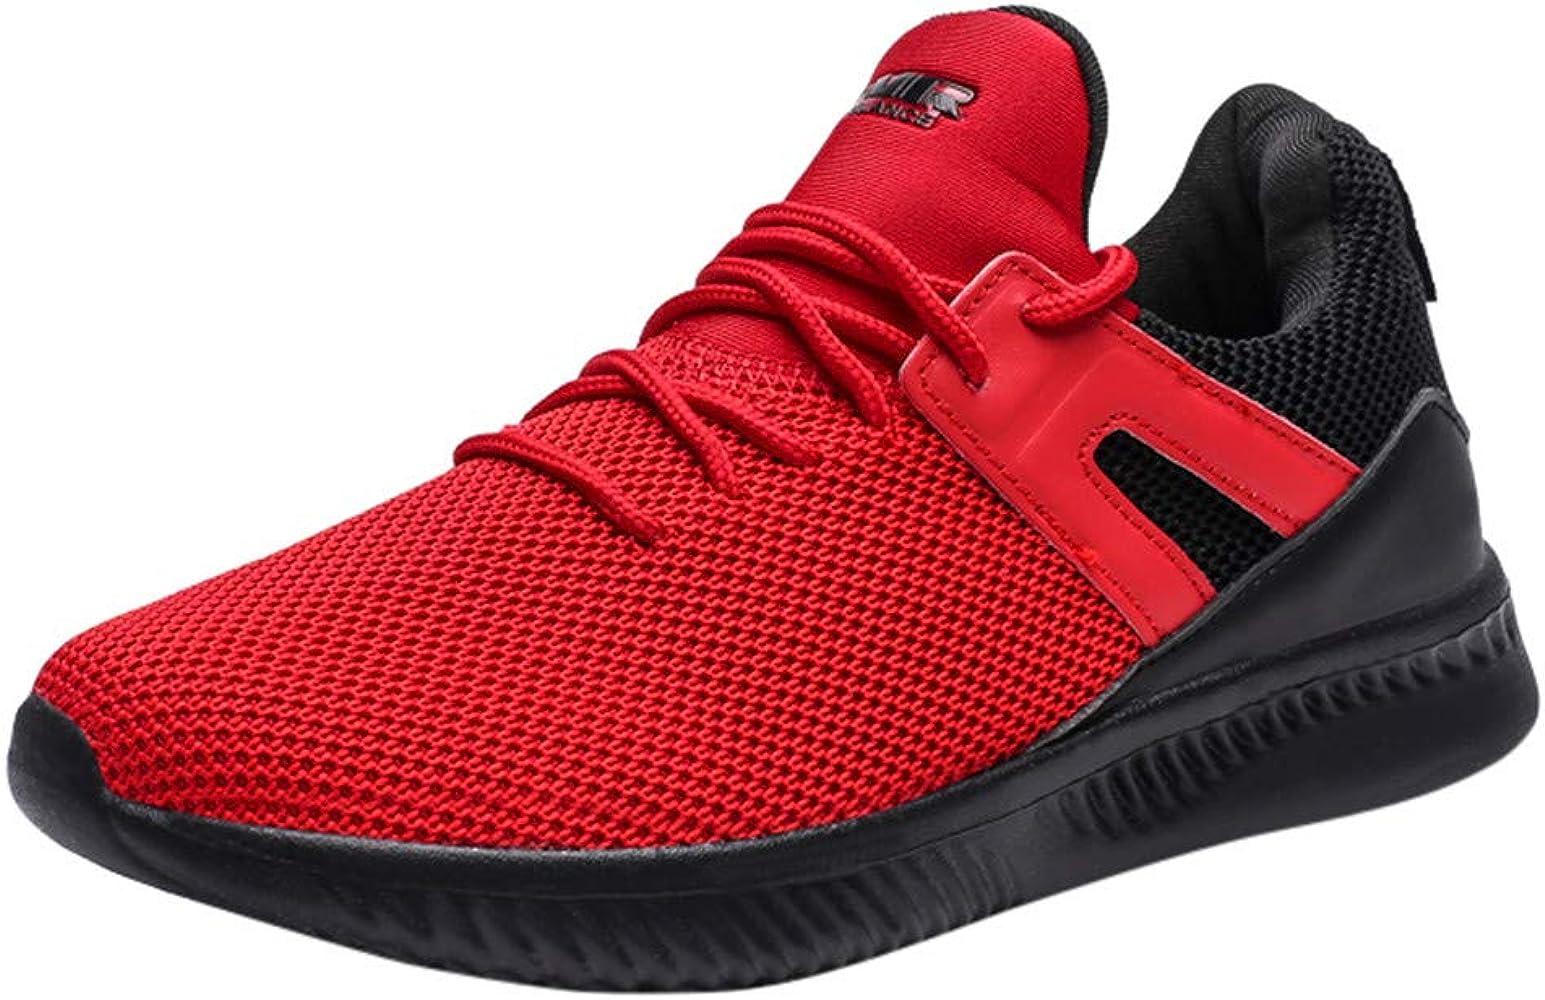 Susu Zapatillas de Running, Baloncesto, competición, Running ...